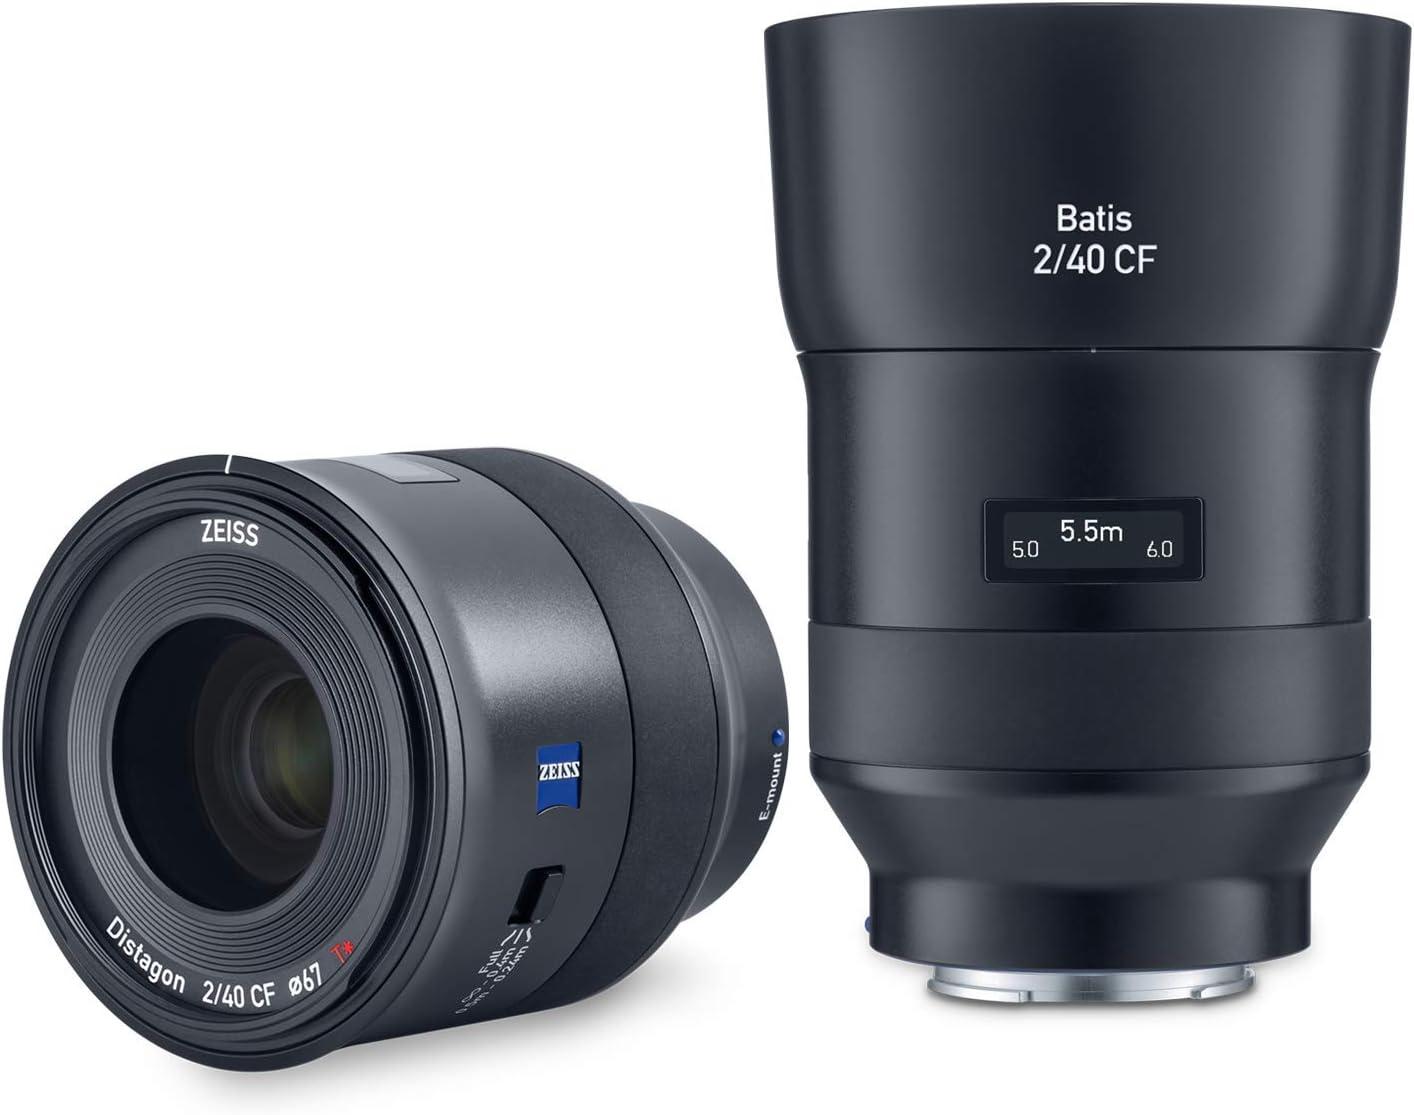 Zeiss Batis 2 40 Cf Für Spiegellose Kamera